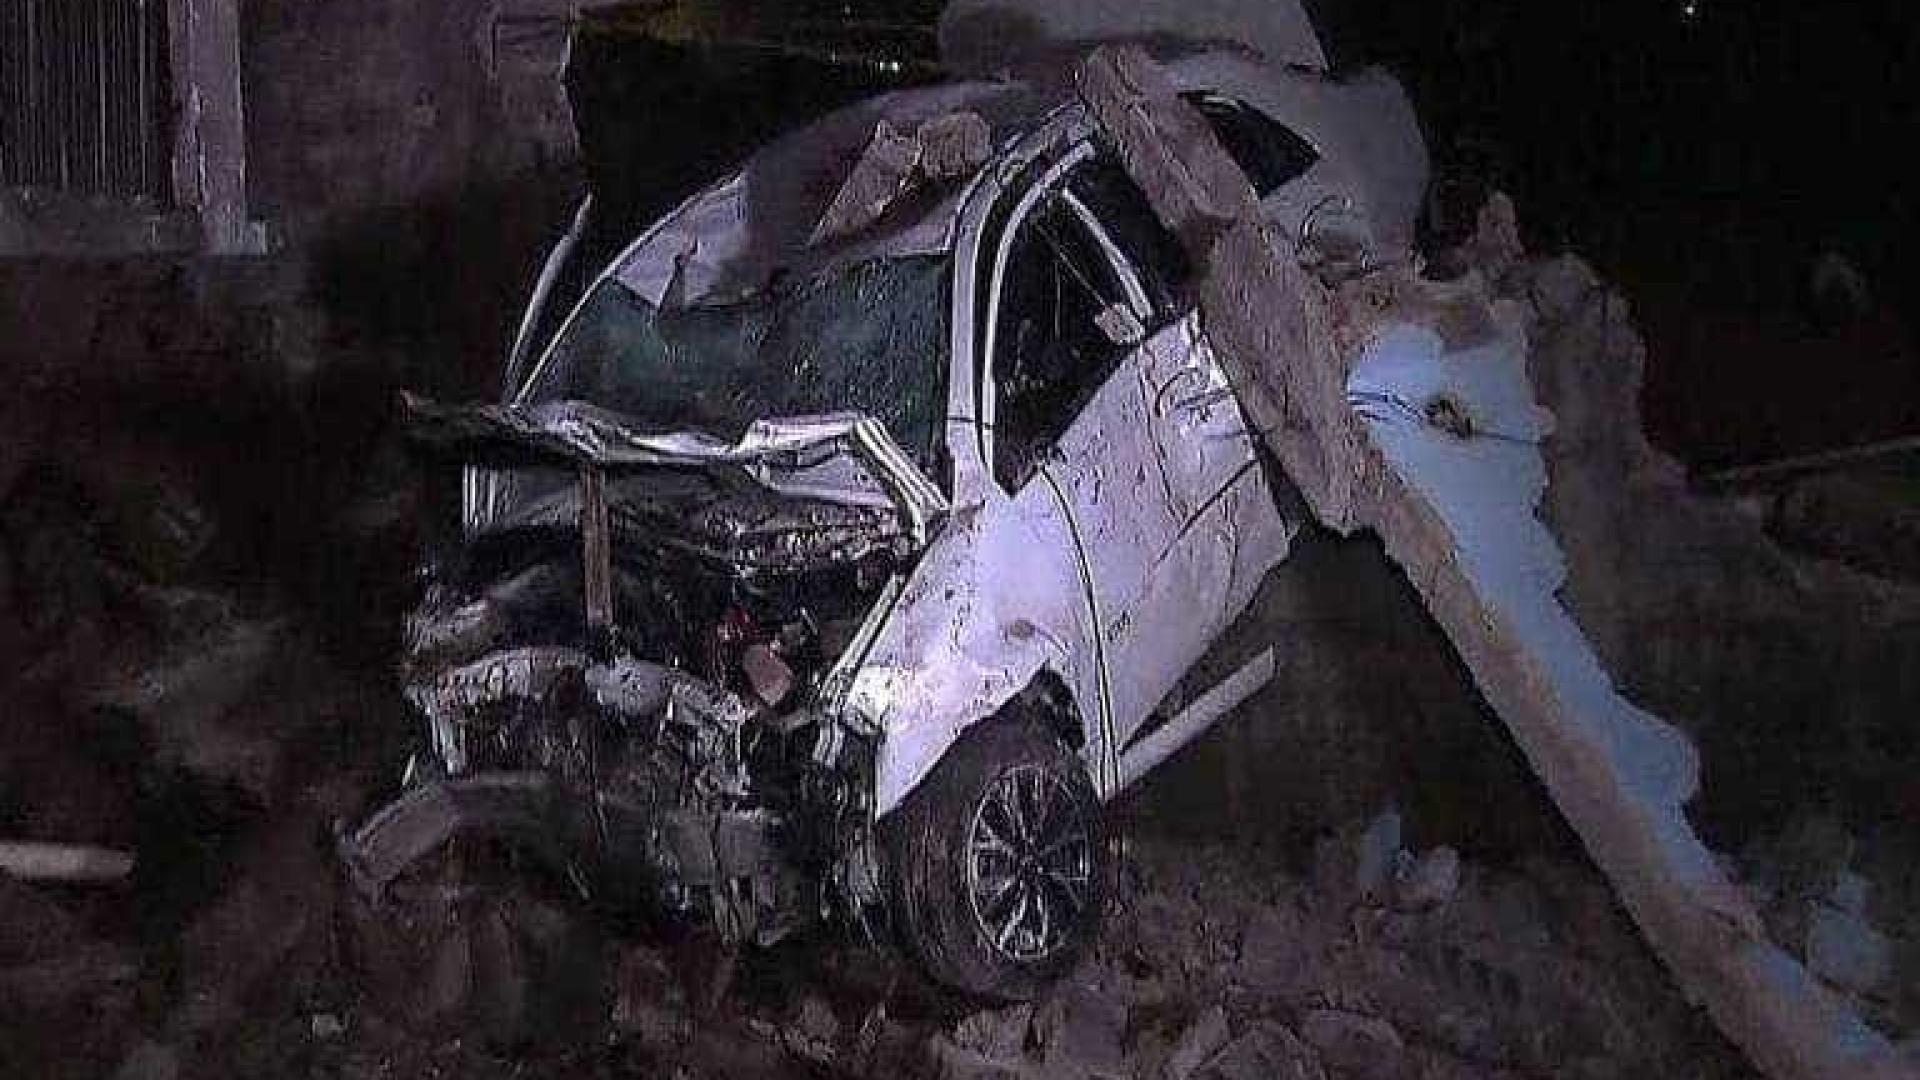 Morte de taxista que caiu de barranco em suposto assalto é investigada